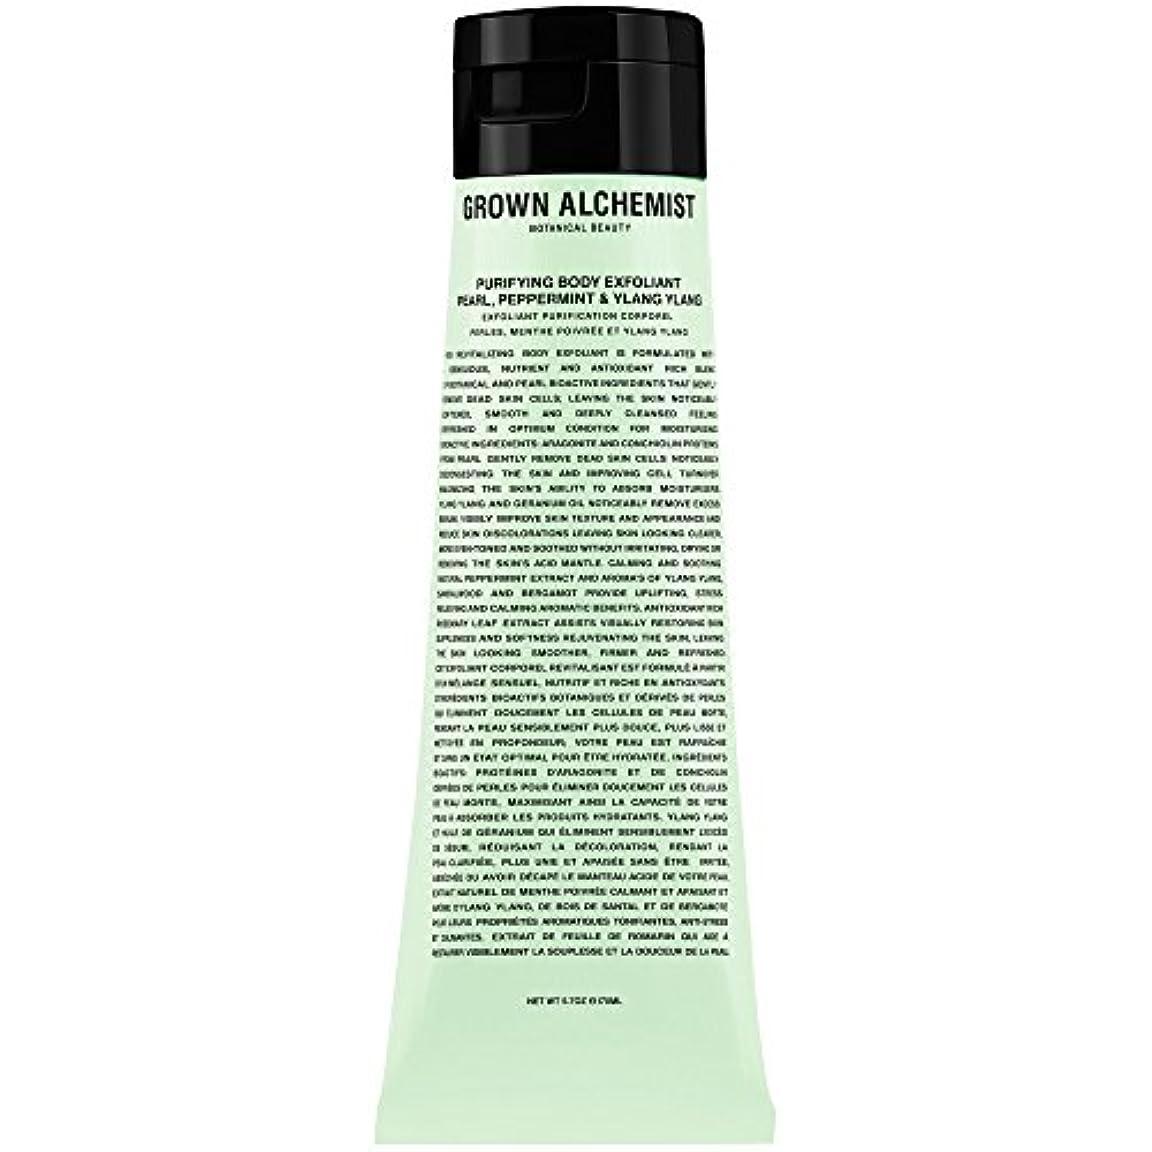 故国受け入れたライトニング成長した錬金術師浄化体剥脱真珠ペパーミント&イランイラン170ミリリットル (Grown Alchemist) (x2) - Grown Alchemist Purifying Body Exfoliant Pearl...